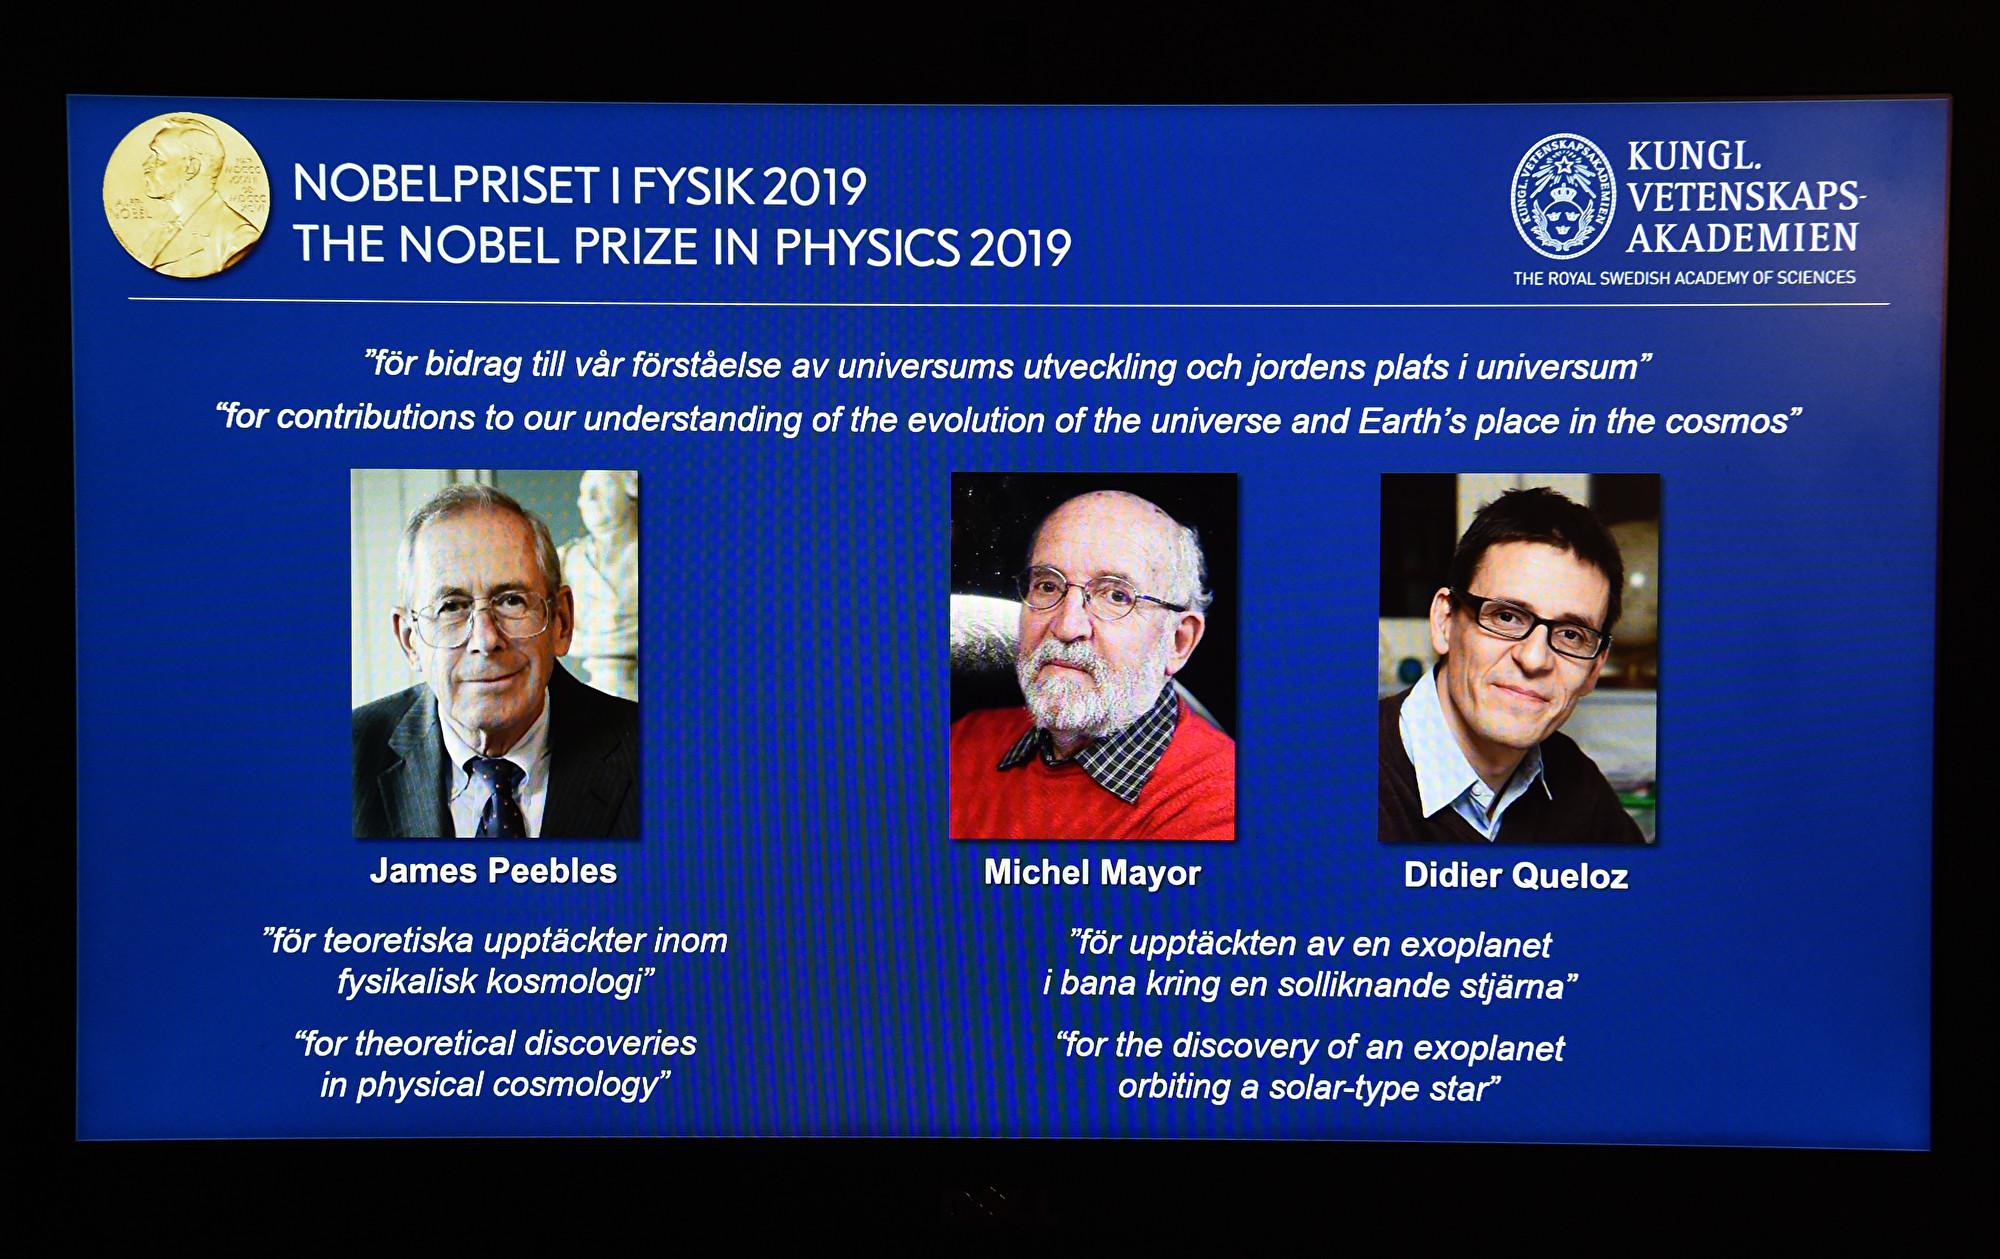 2019年諾貝爾物理學獎由加拿大的皮布爾斯(James Peebles)、瑞士的馬約爾(Michel Mayor)